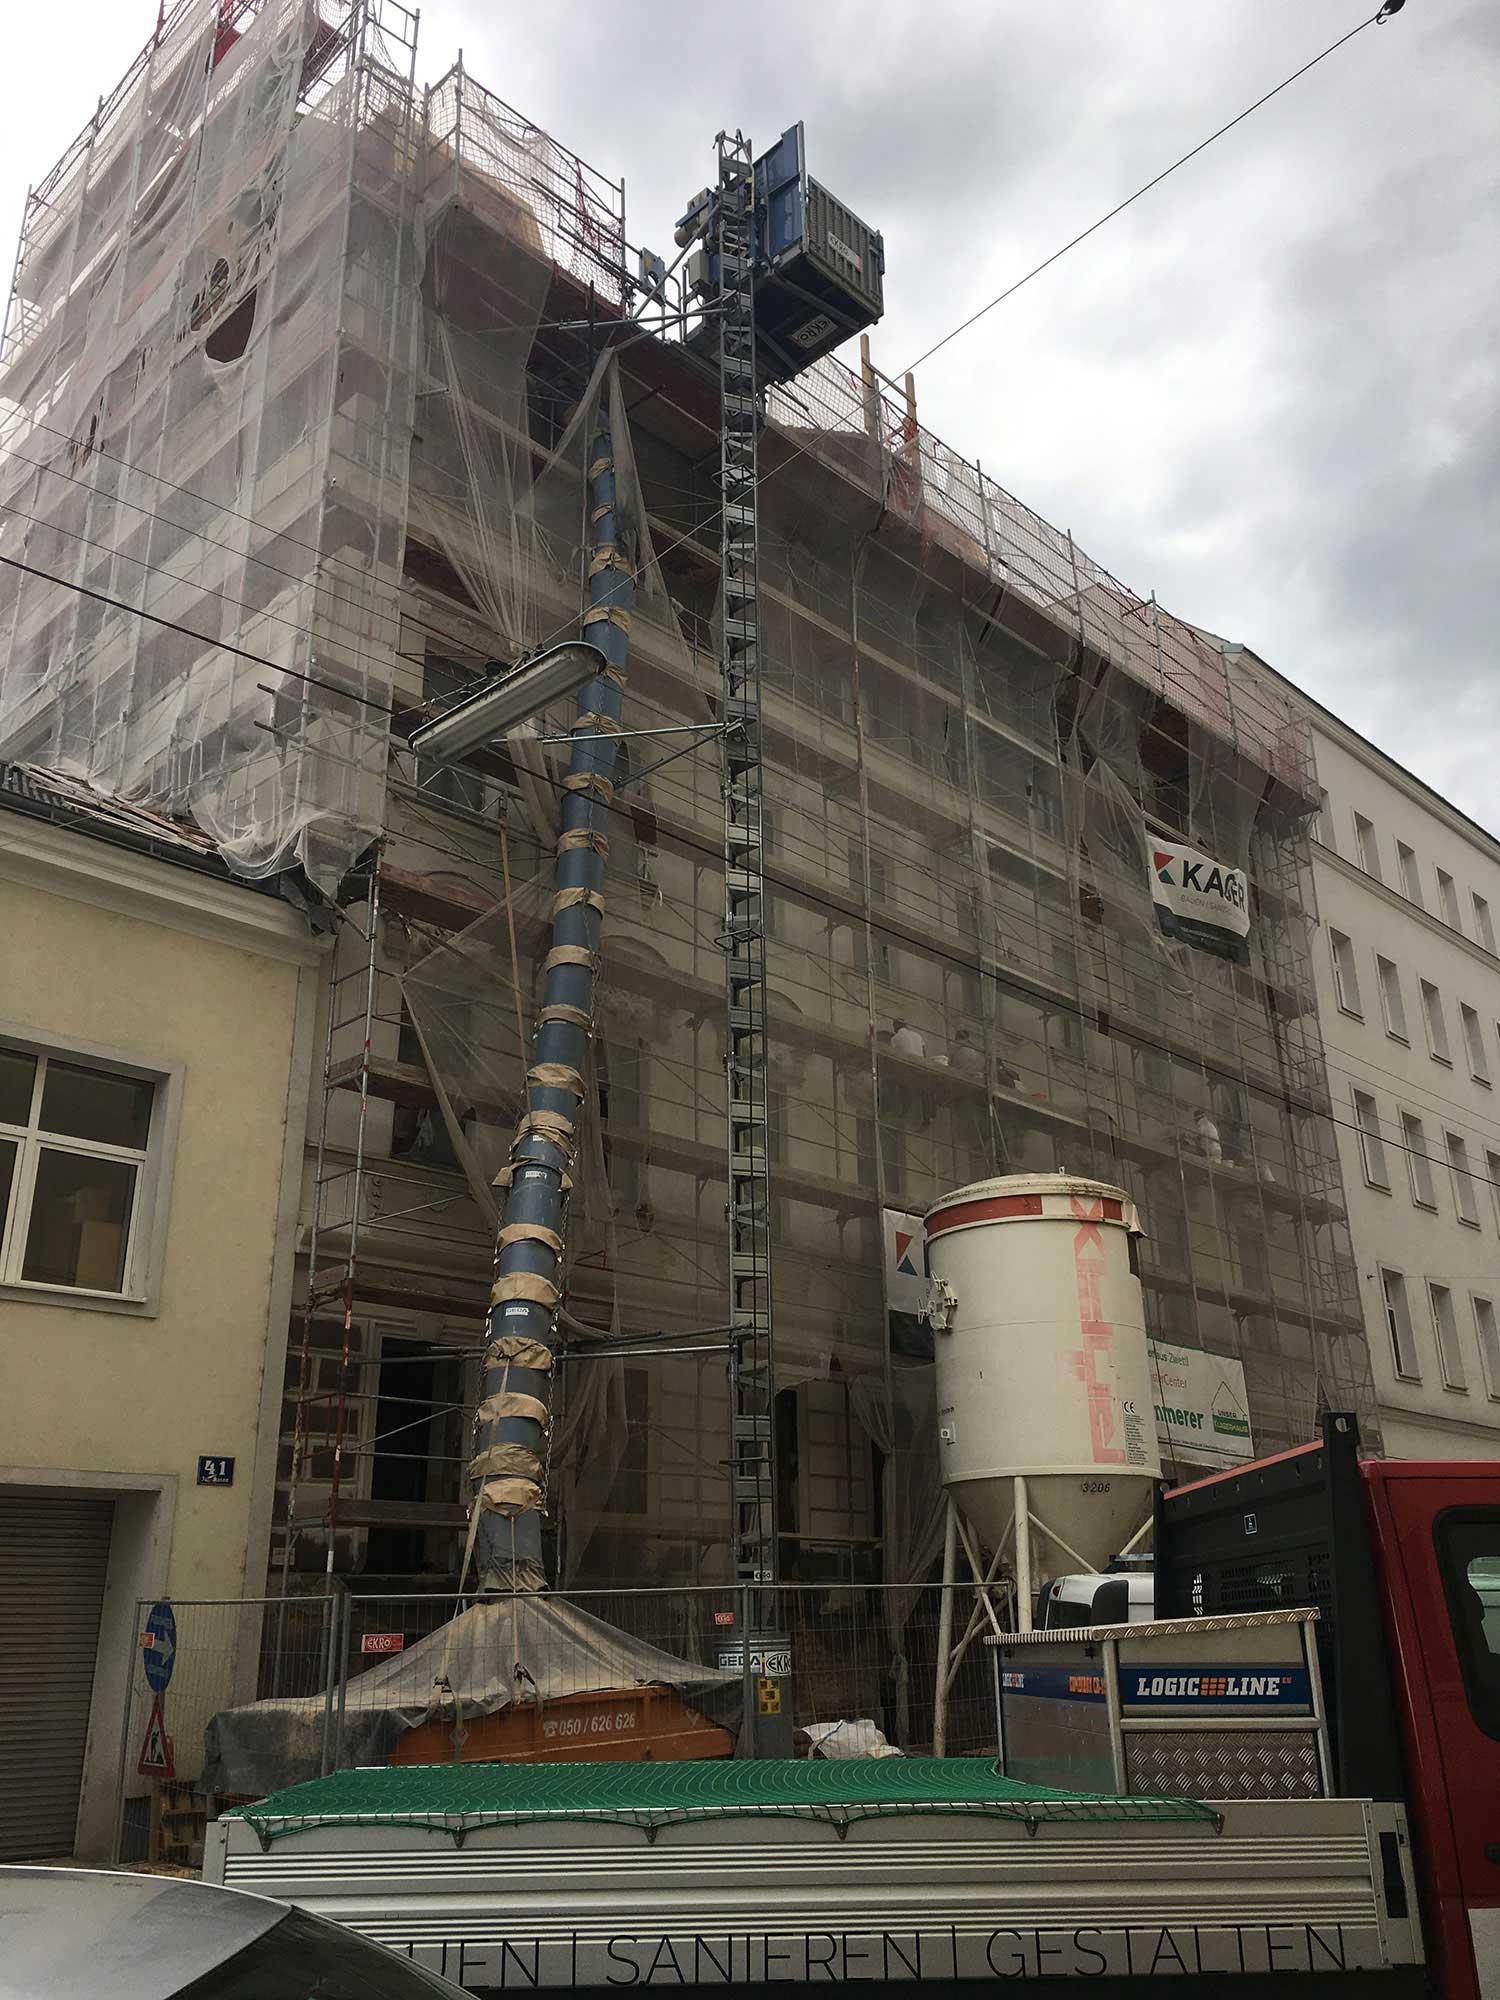 Um-und Zubau in Wien